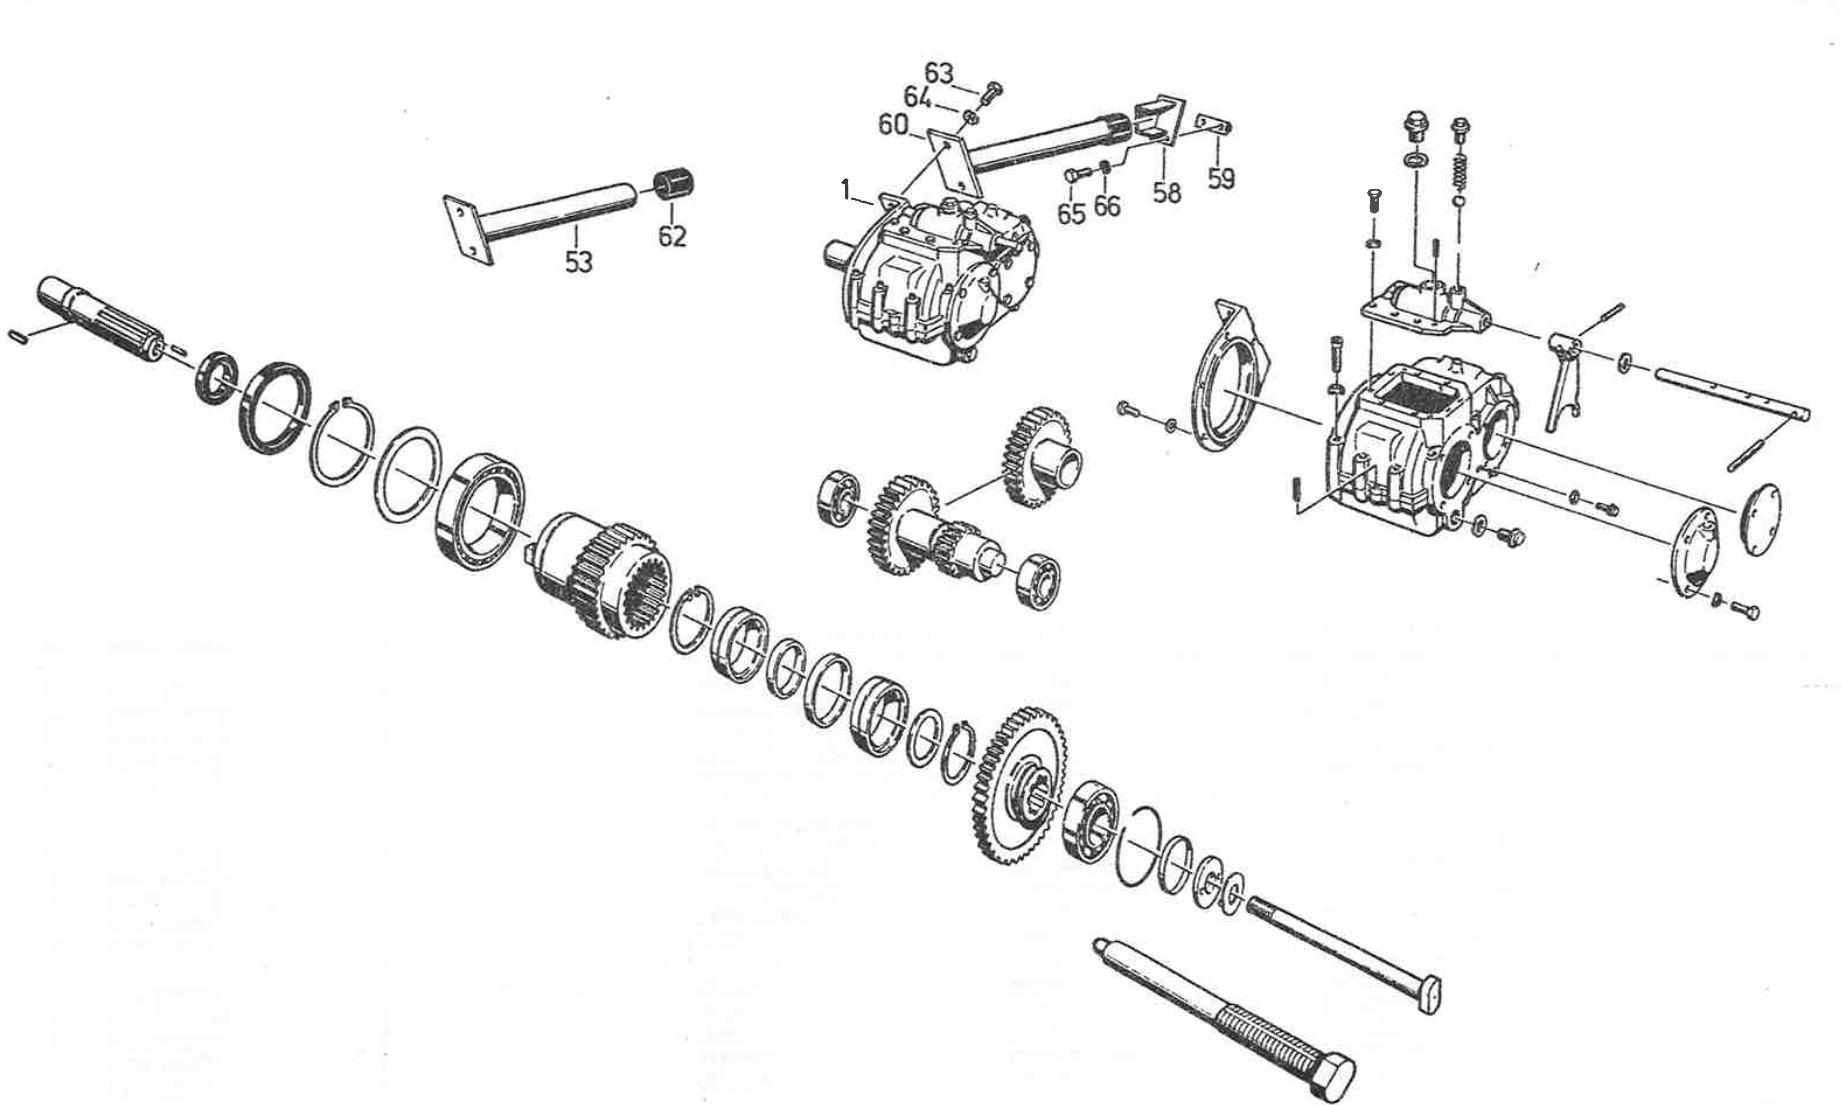 525_1997_182_Dreschtrommelgetriebe